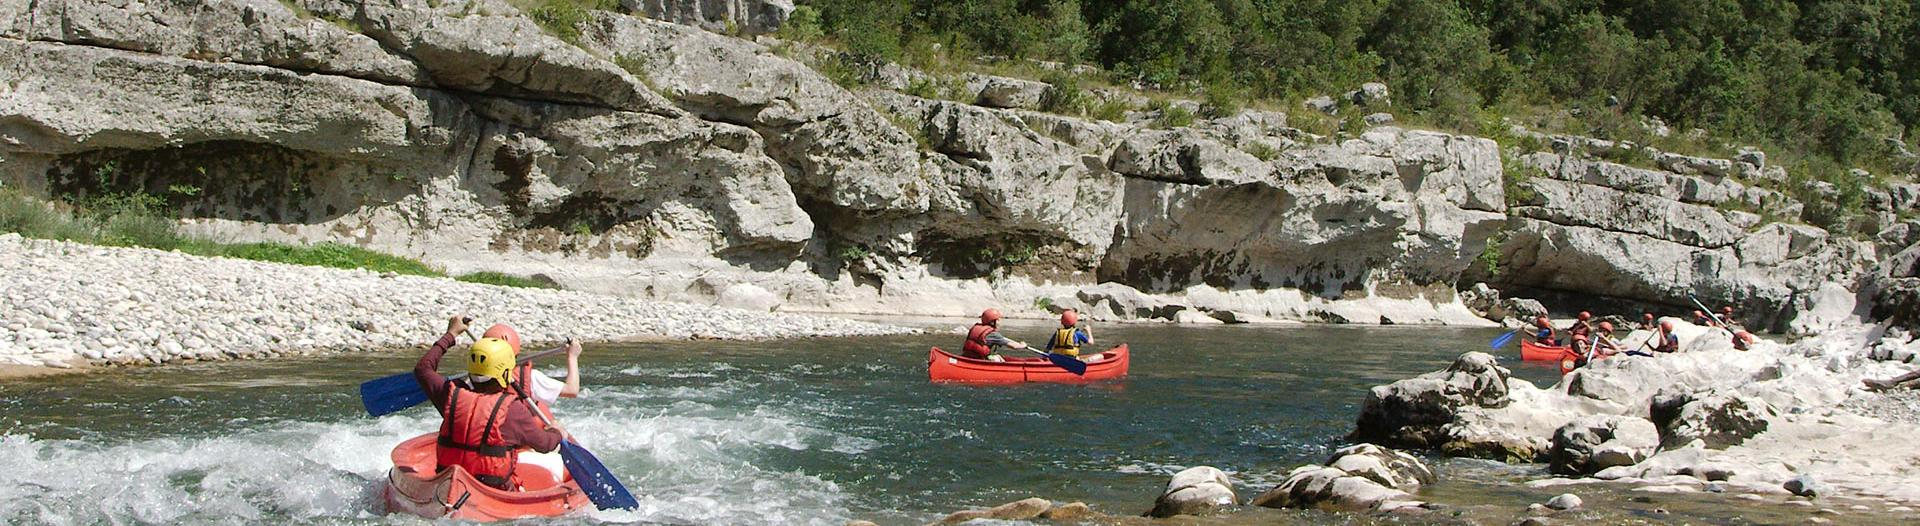 slider-canoe-en-ardeche